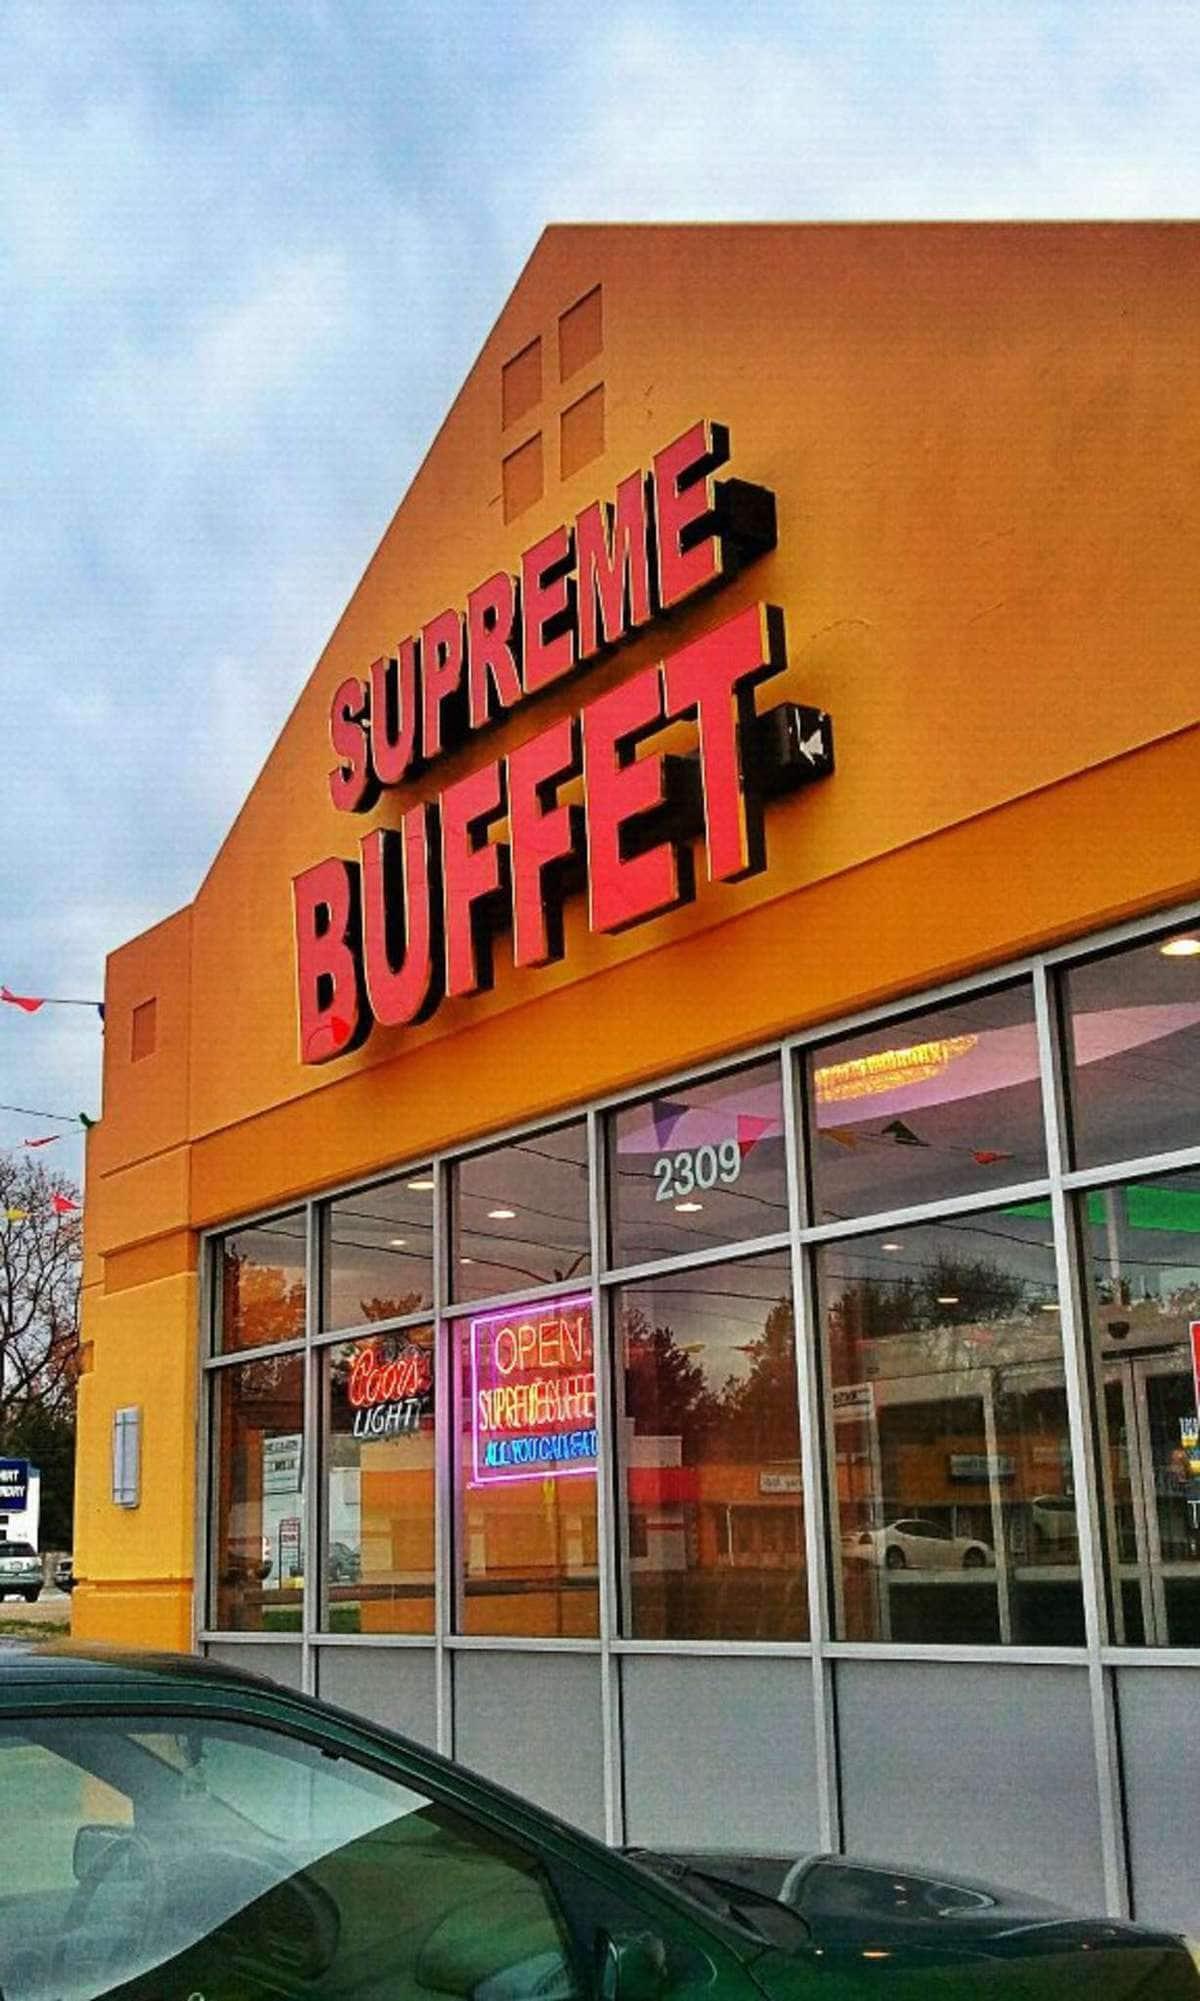 The Hibachi Grill Supreme Buffet